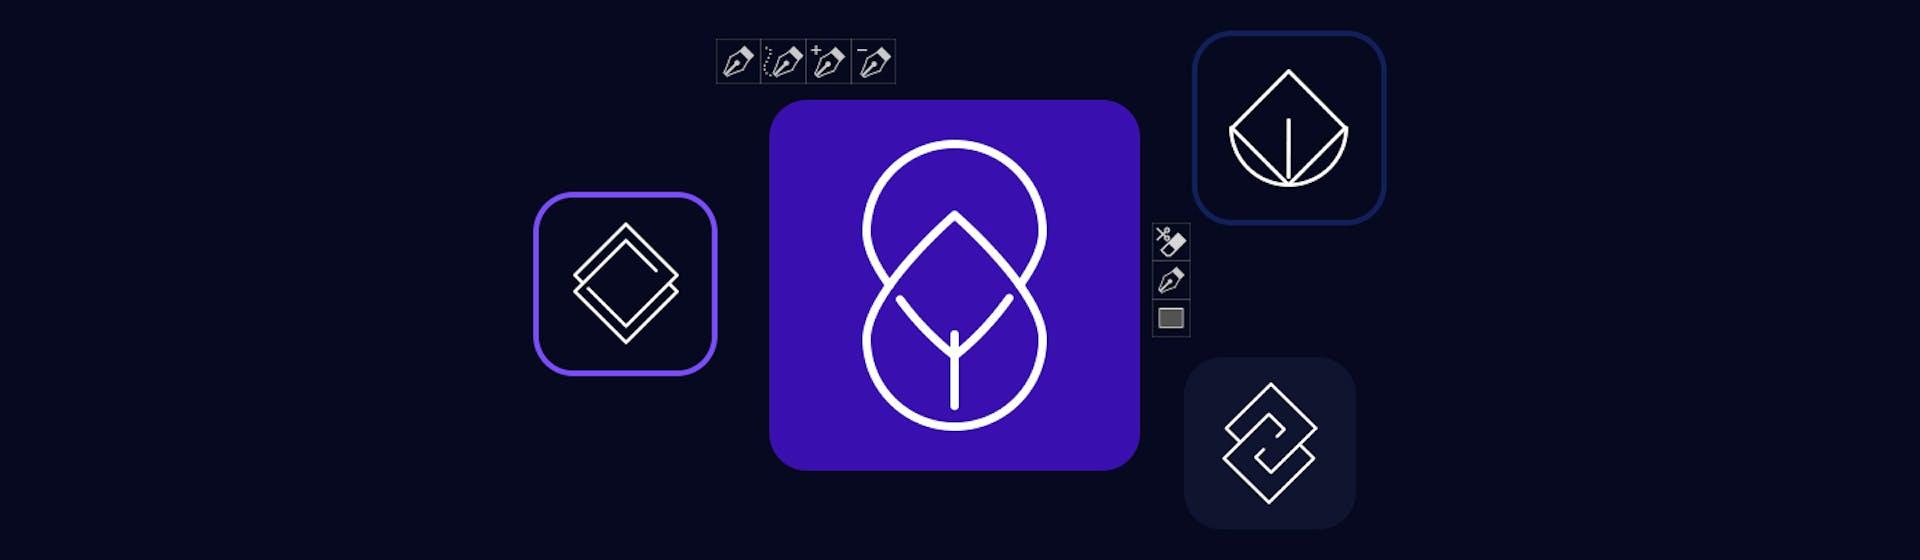 20 mejores apps para hacer logos: ¡Crea tu logotipo fácil y rápido!